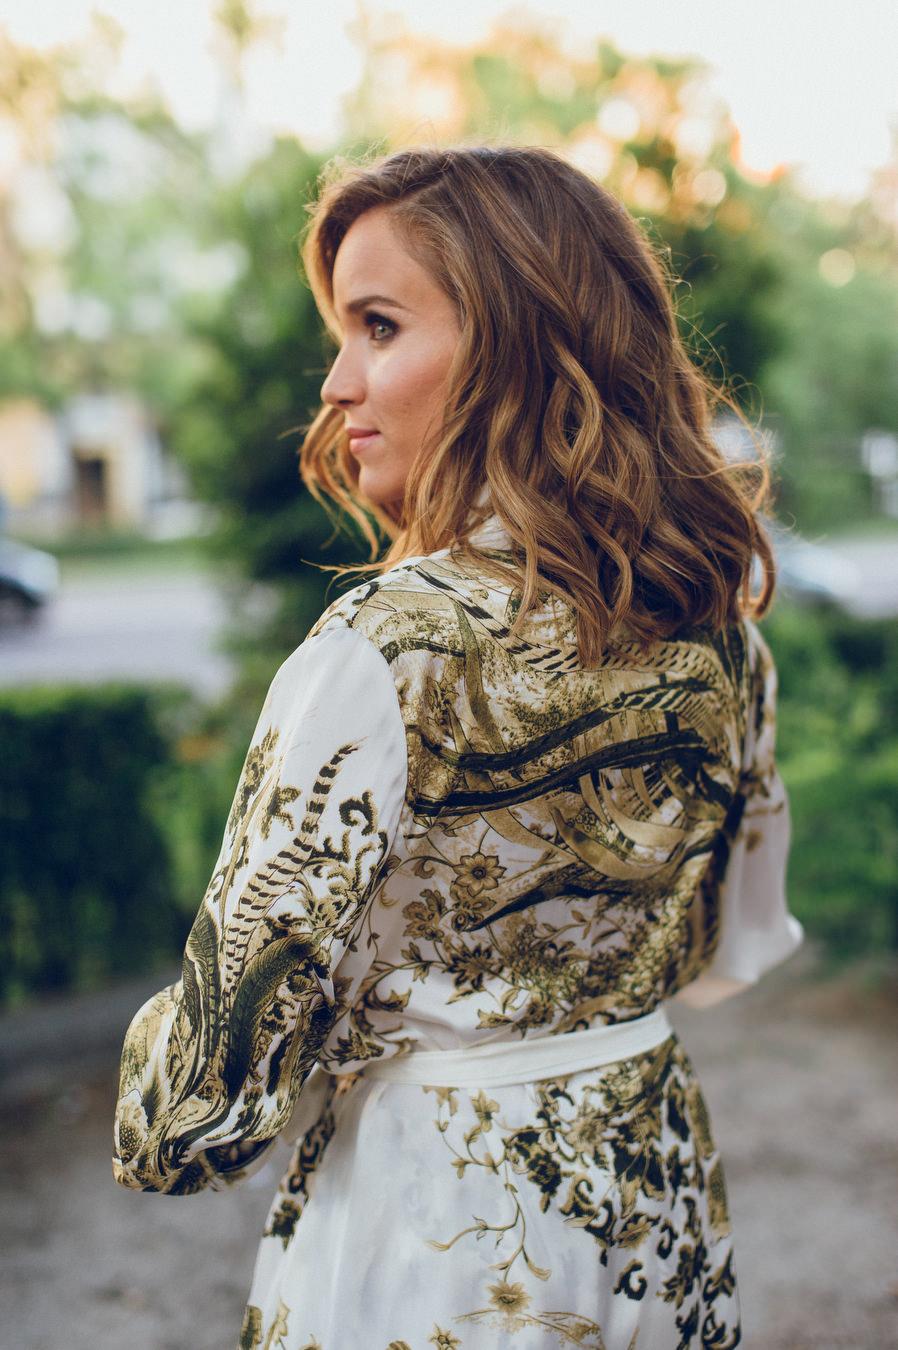 calista-one-lista-de-bodas-online-blog-de-bodas-bossanova-looks-invitadas-adriana-kimono-6